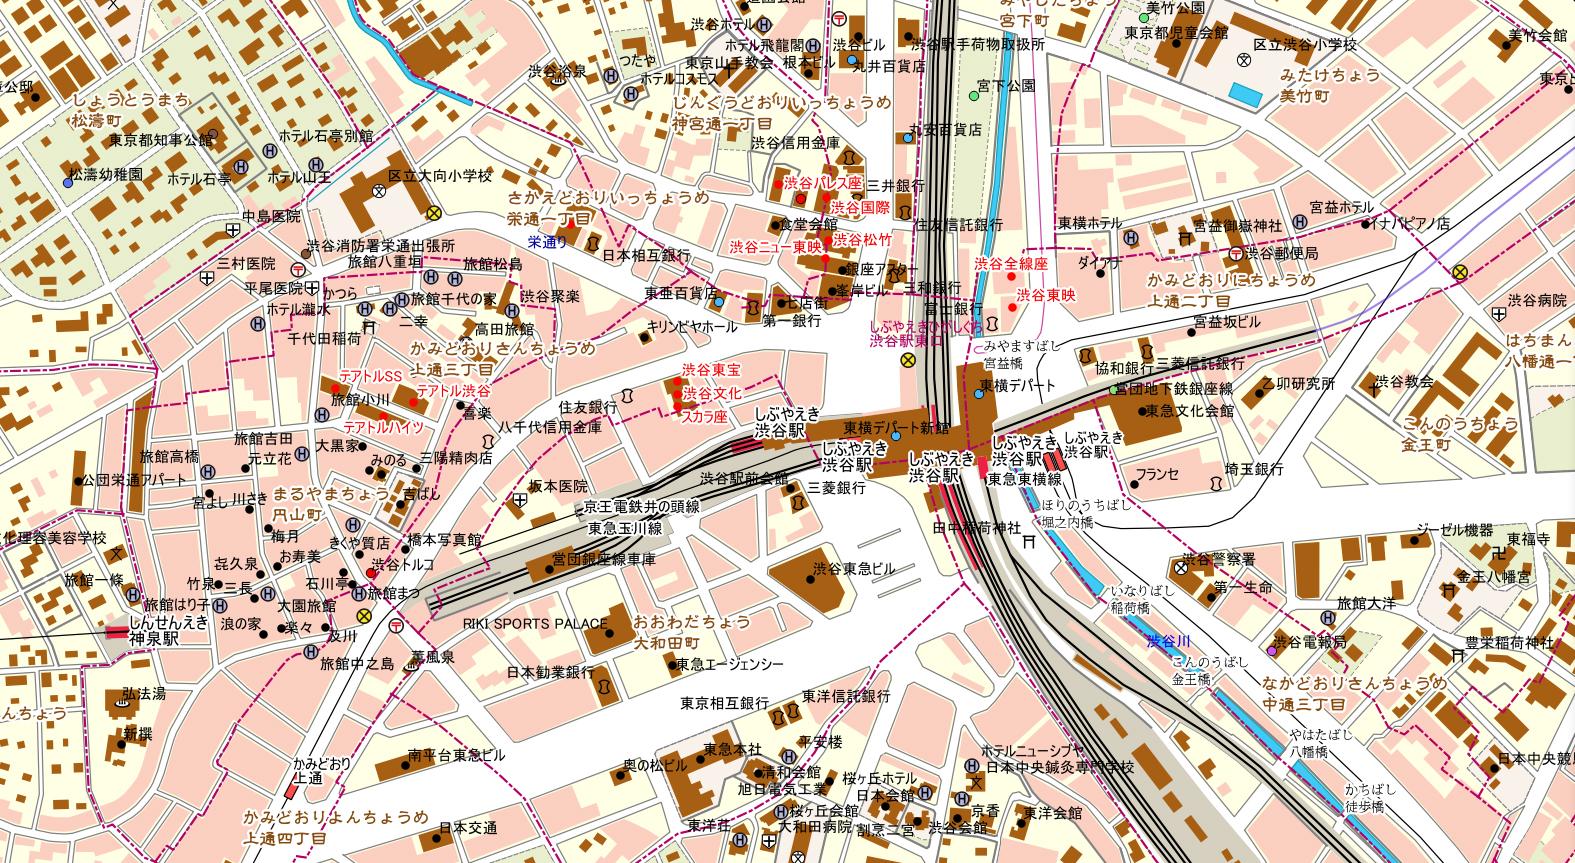 「タイムワープMAP 東京」(渋谷駅周辺)